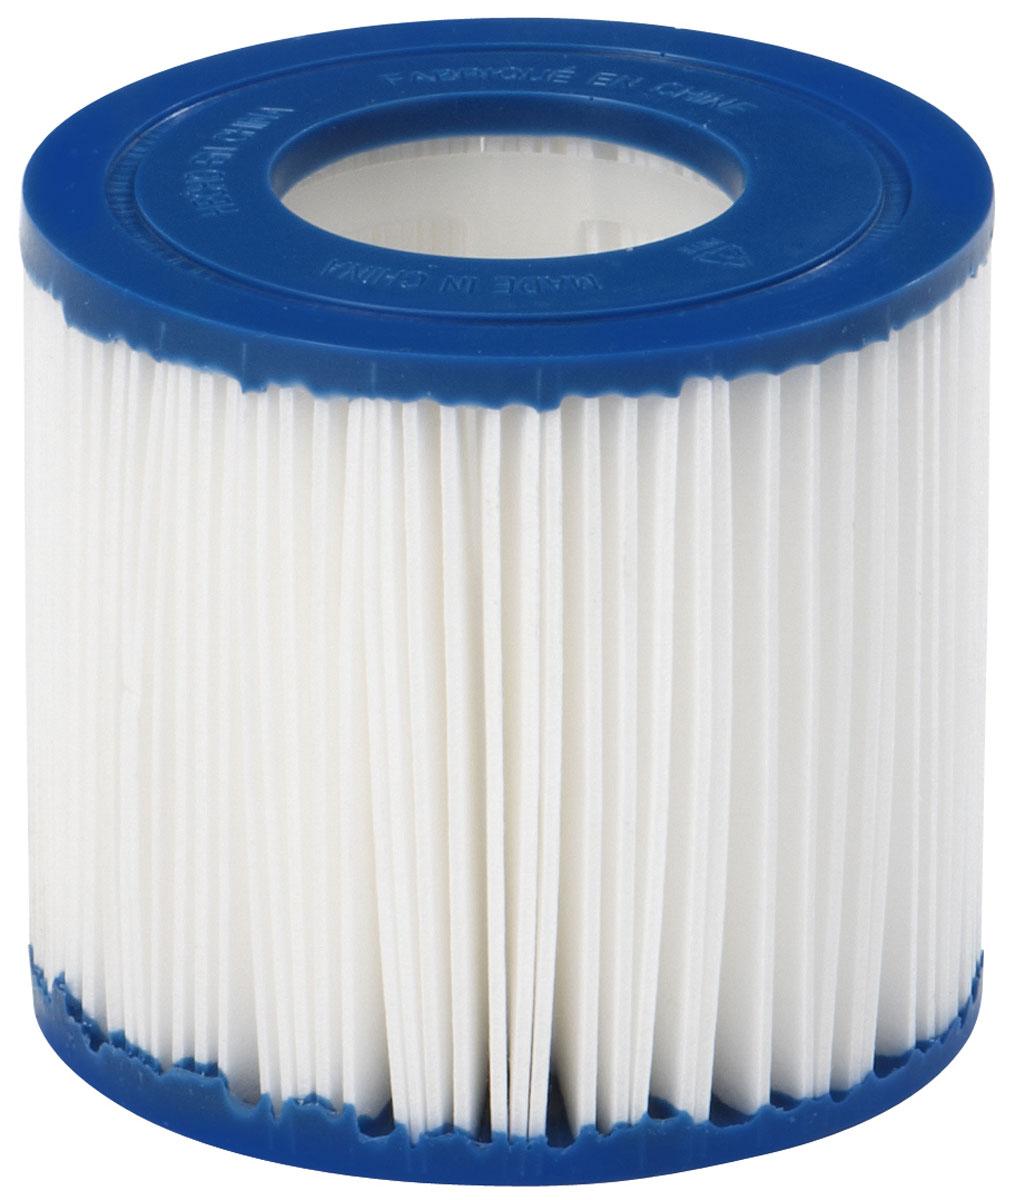 Картридж для насоса с фильтром JilongJL290588NСменный картридж предназначен для замены в фильтрах-насосах 530 Gal и 800 gal, применяемых с бассейнами Jilong. Картридж удобен в применении, заменяется легко и быстро.